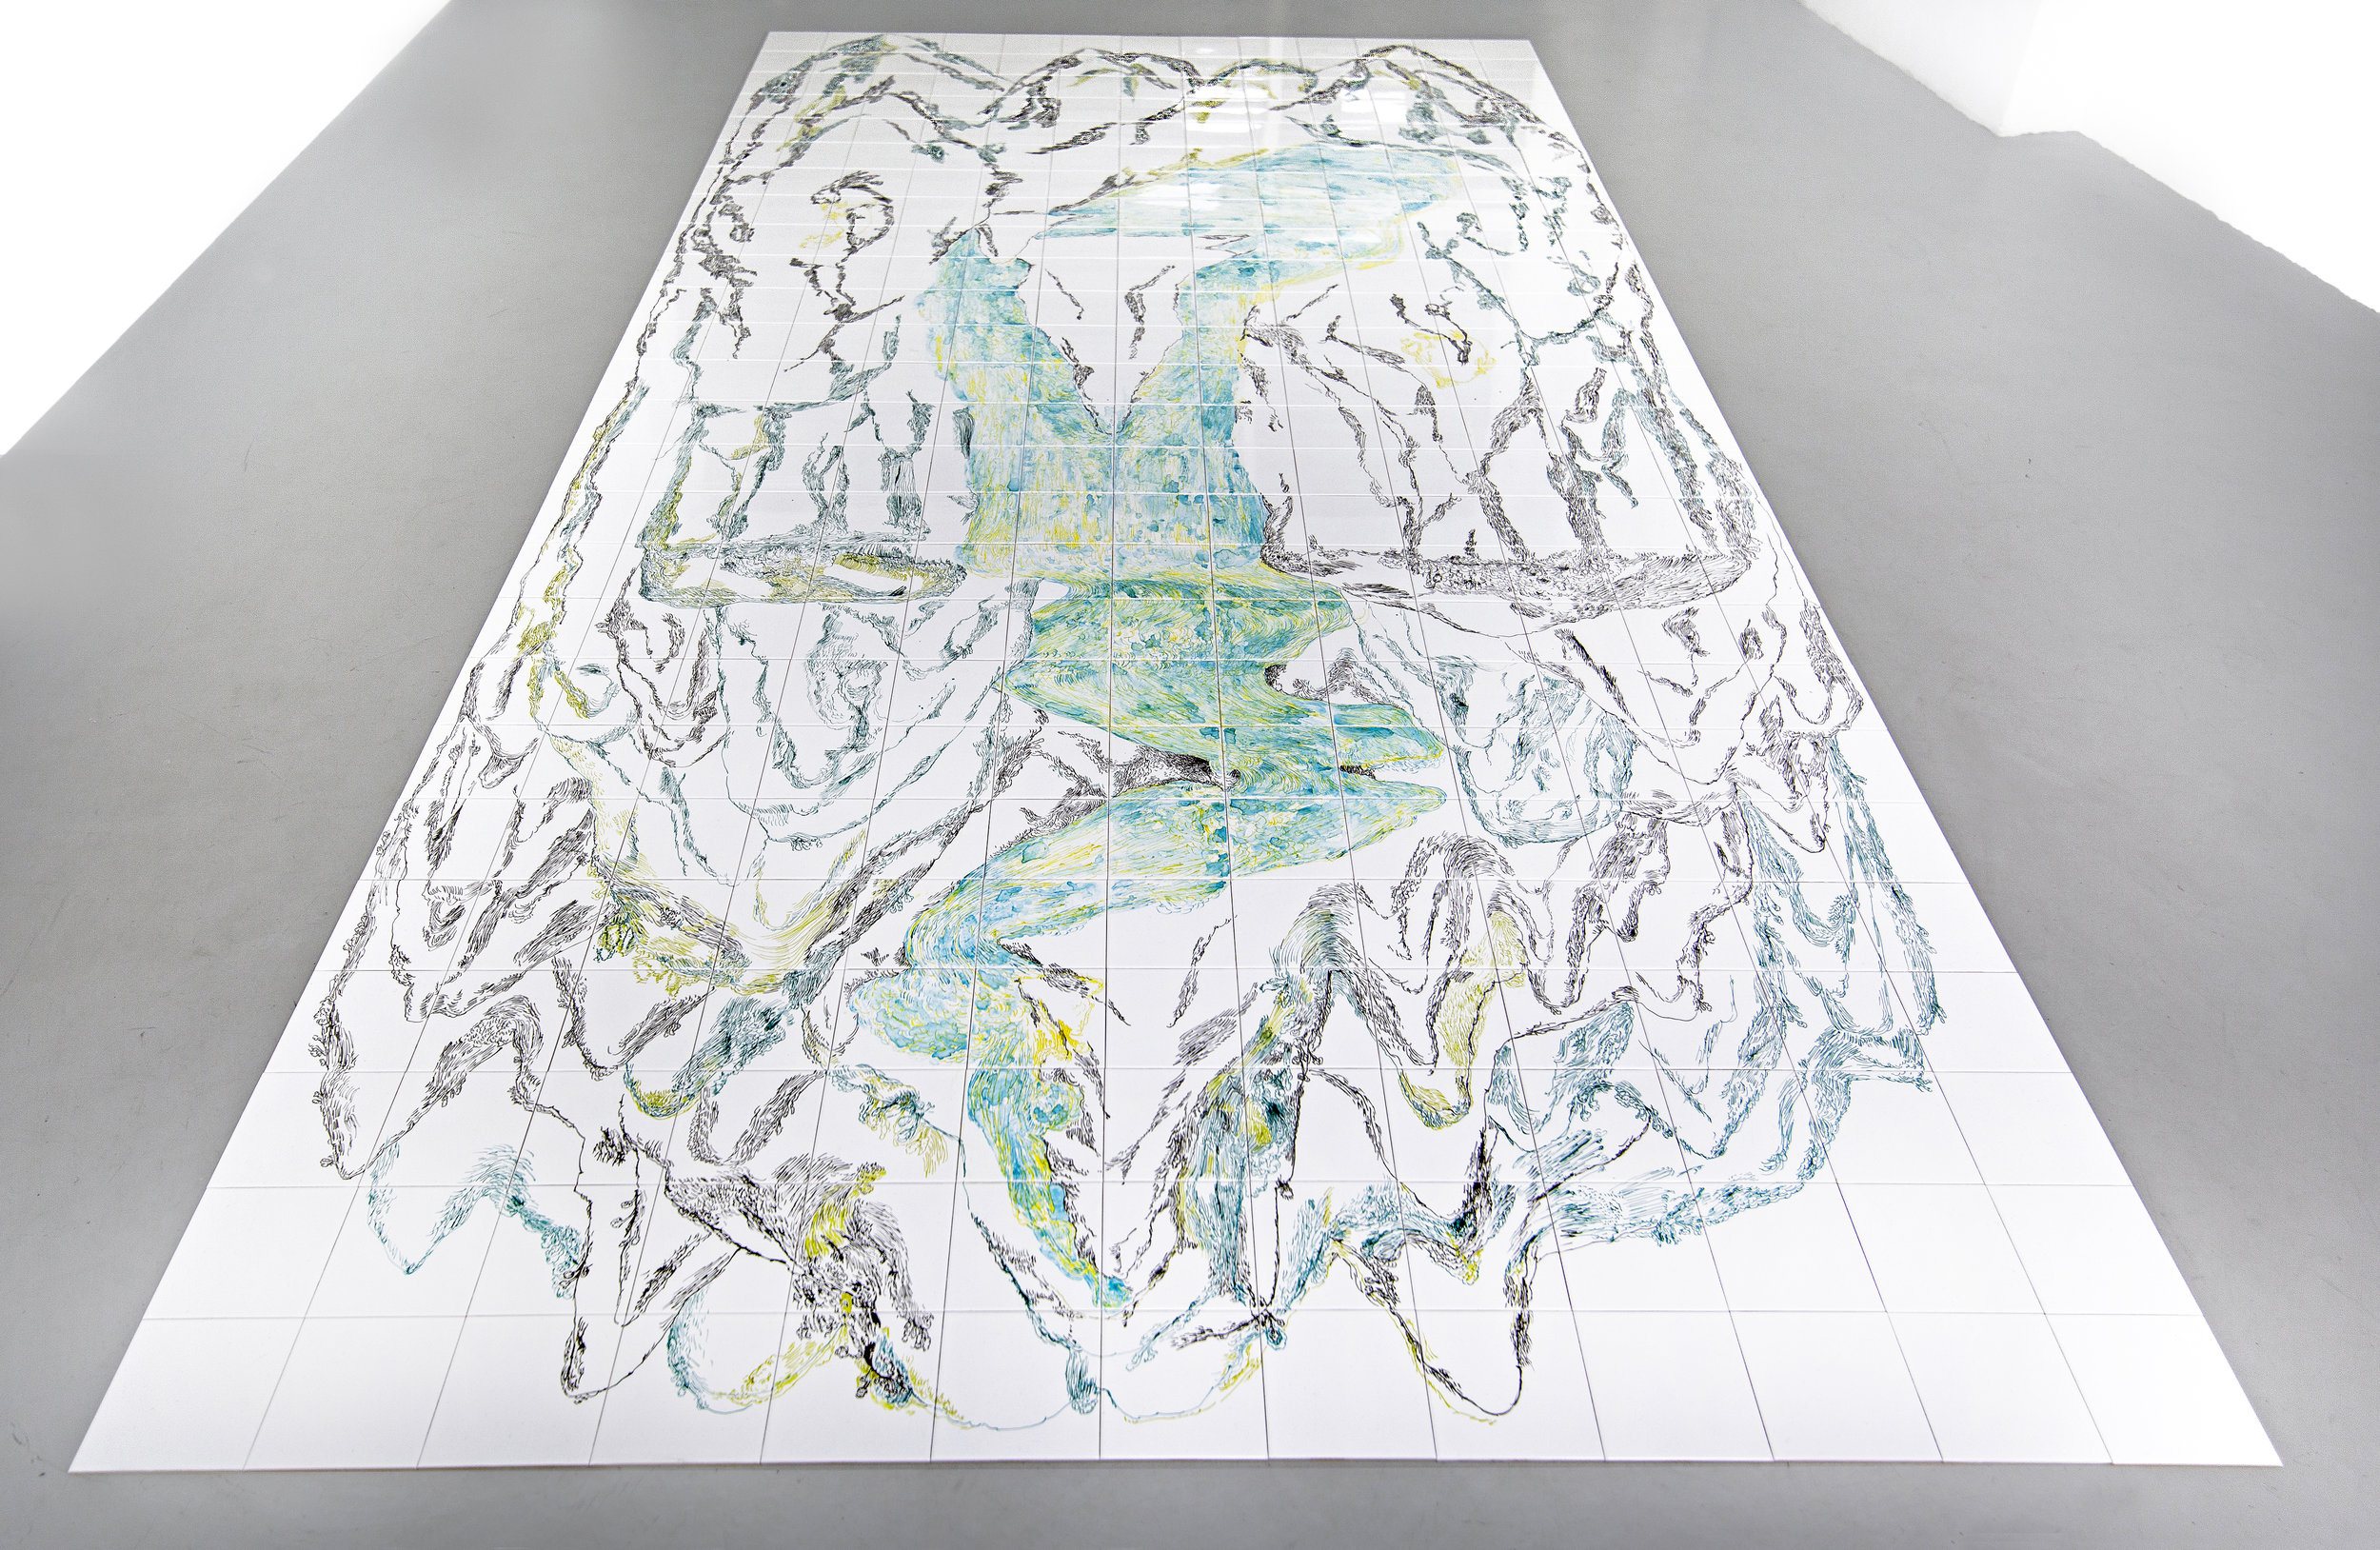 3 Giusy Pirrotta TAIXUNIA exhibition view, Dimora Artica.jpg